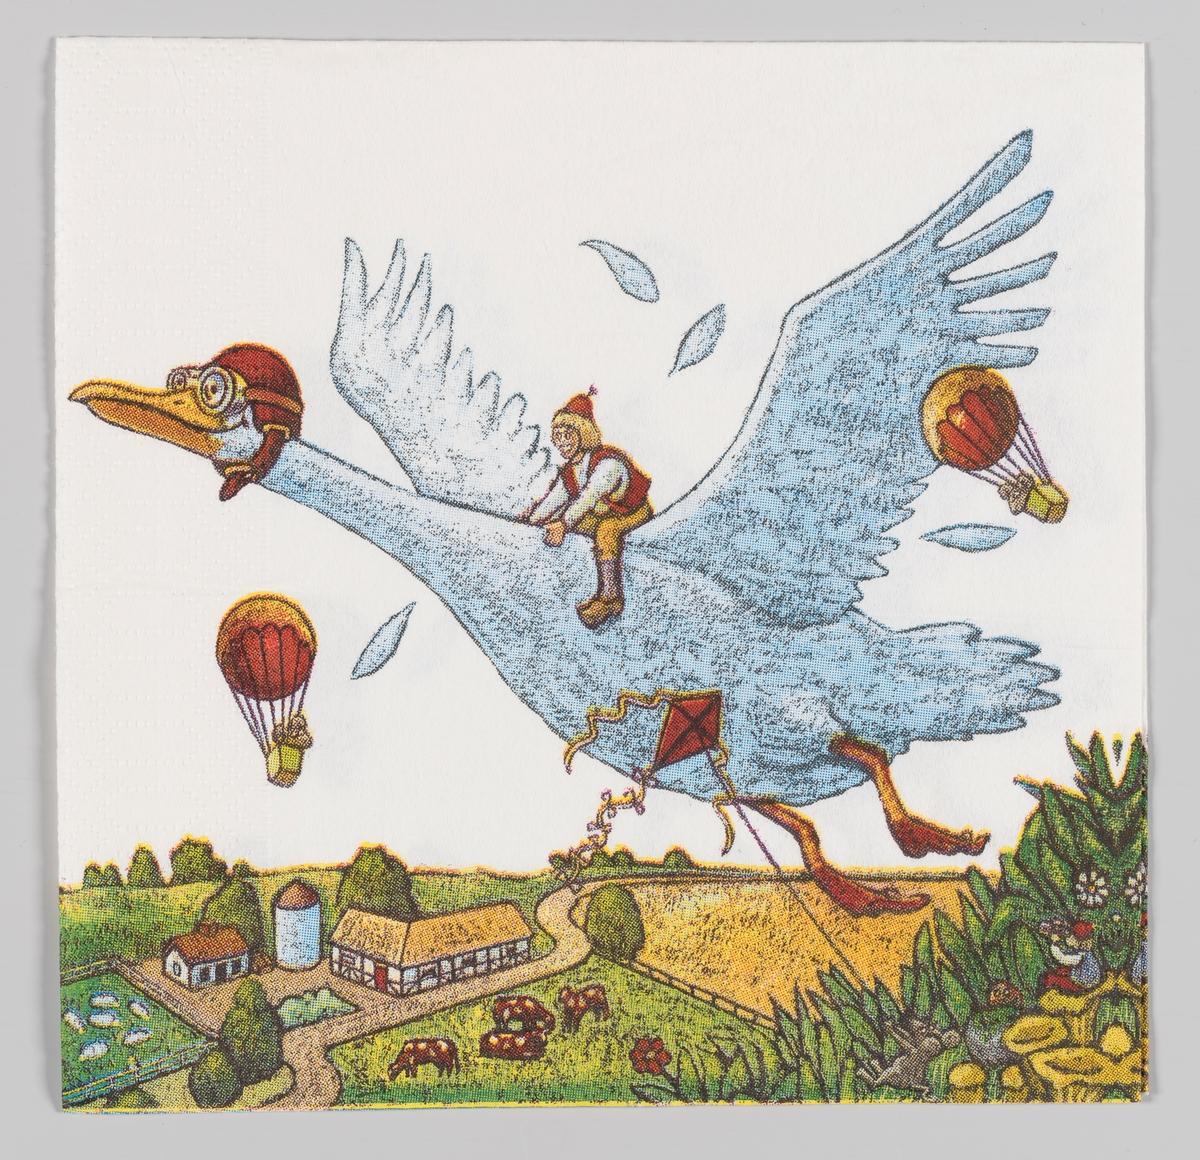 En gutt sitter på flygende gås med pilotlue med briller. De har følge av to luftballonger. De flyger over et landskap med en bondegård.